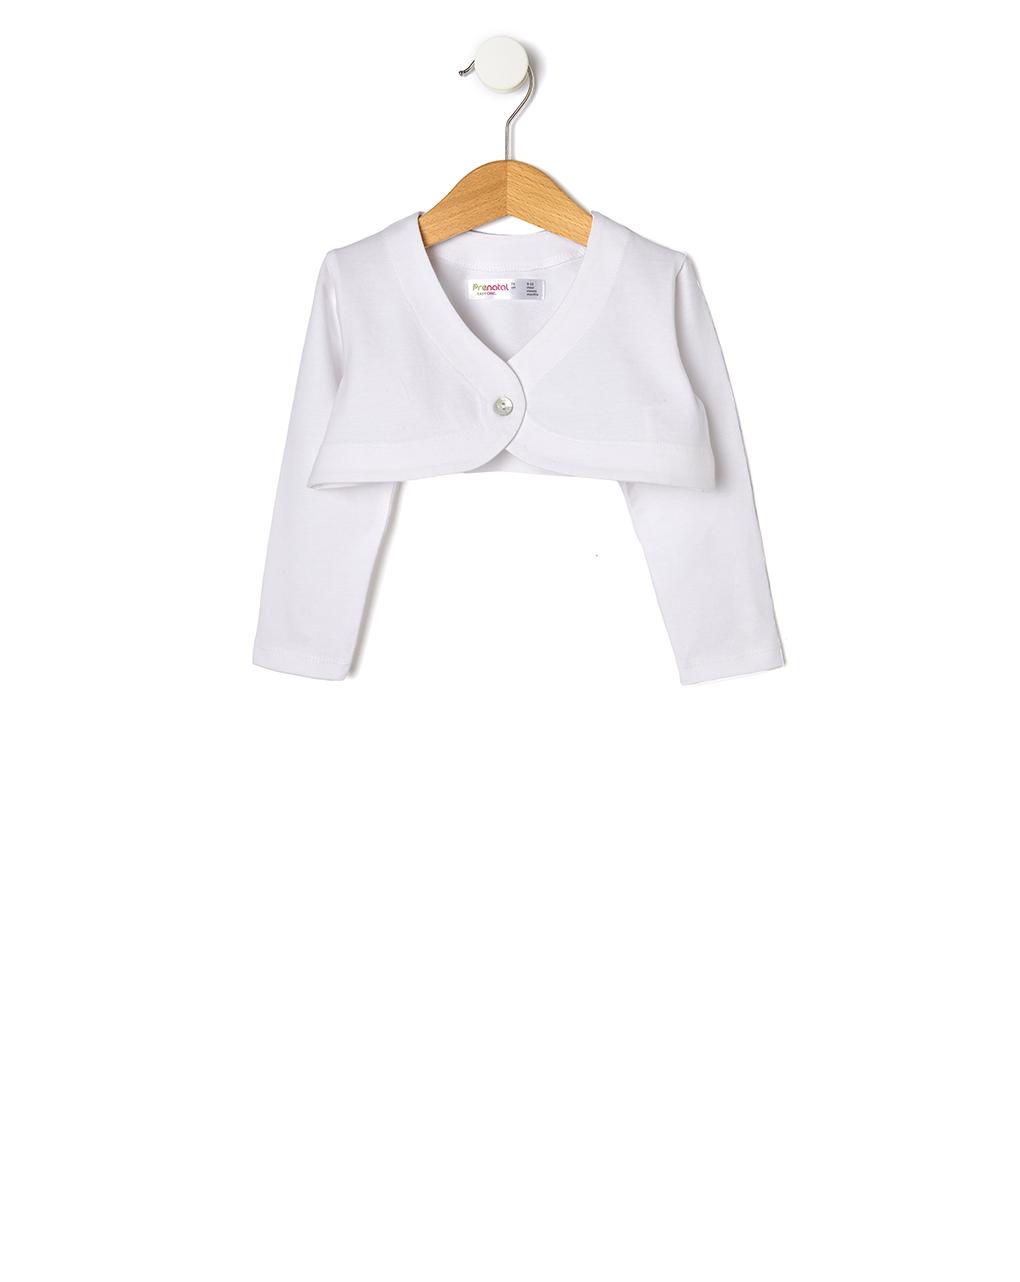 Ζακέτα Μπολερό Jersey Λευκή με Κουμπί για Κορίτσι